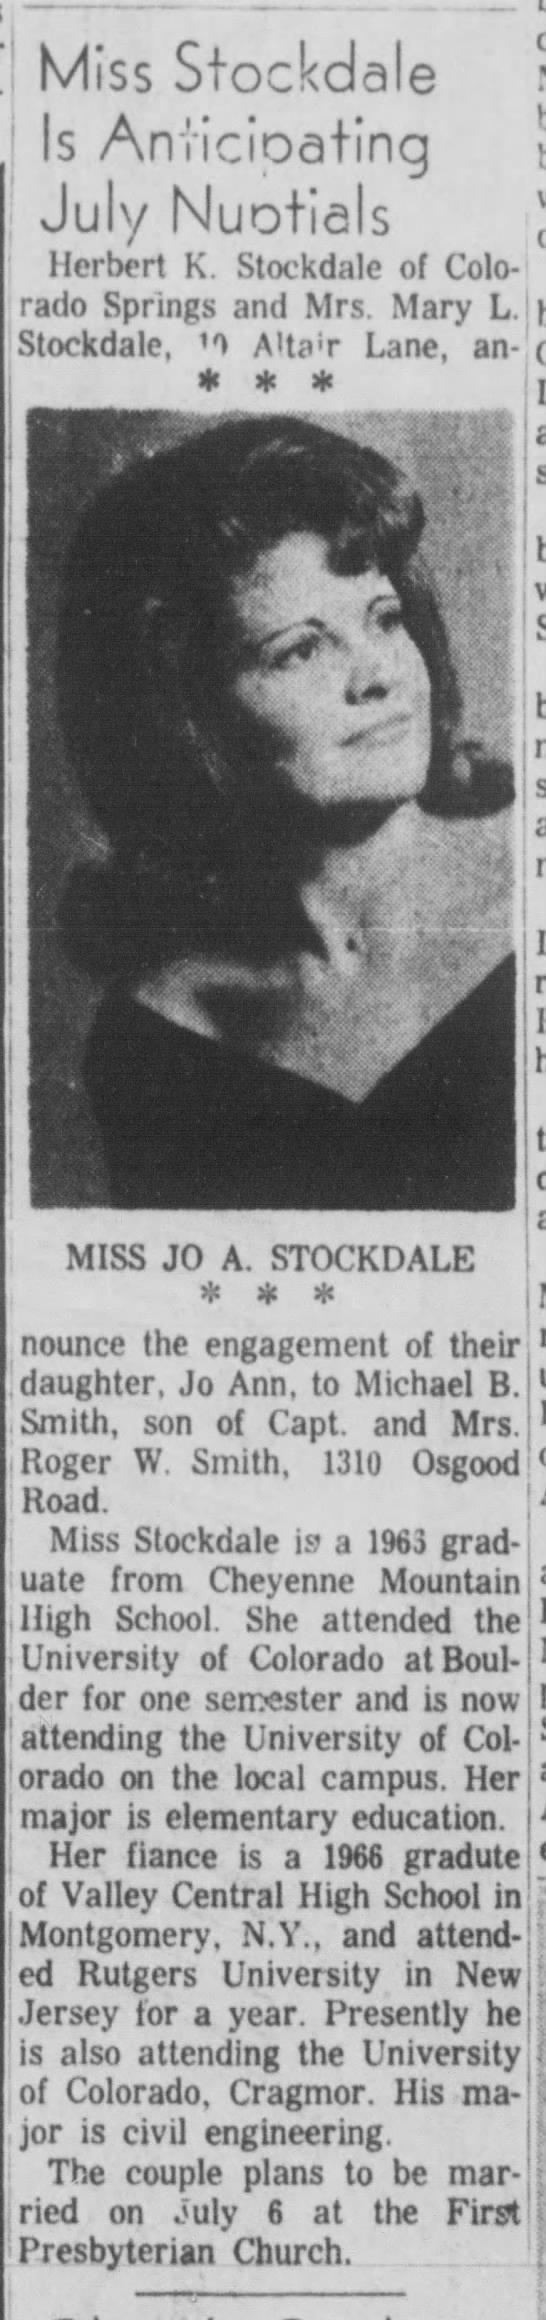 wedding announcement of Jo Ann Stockdale